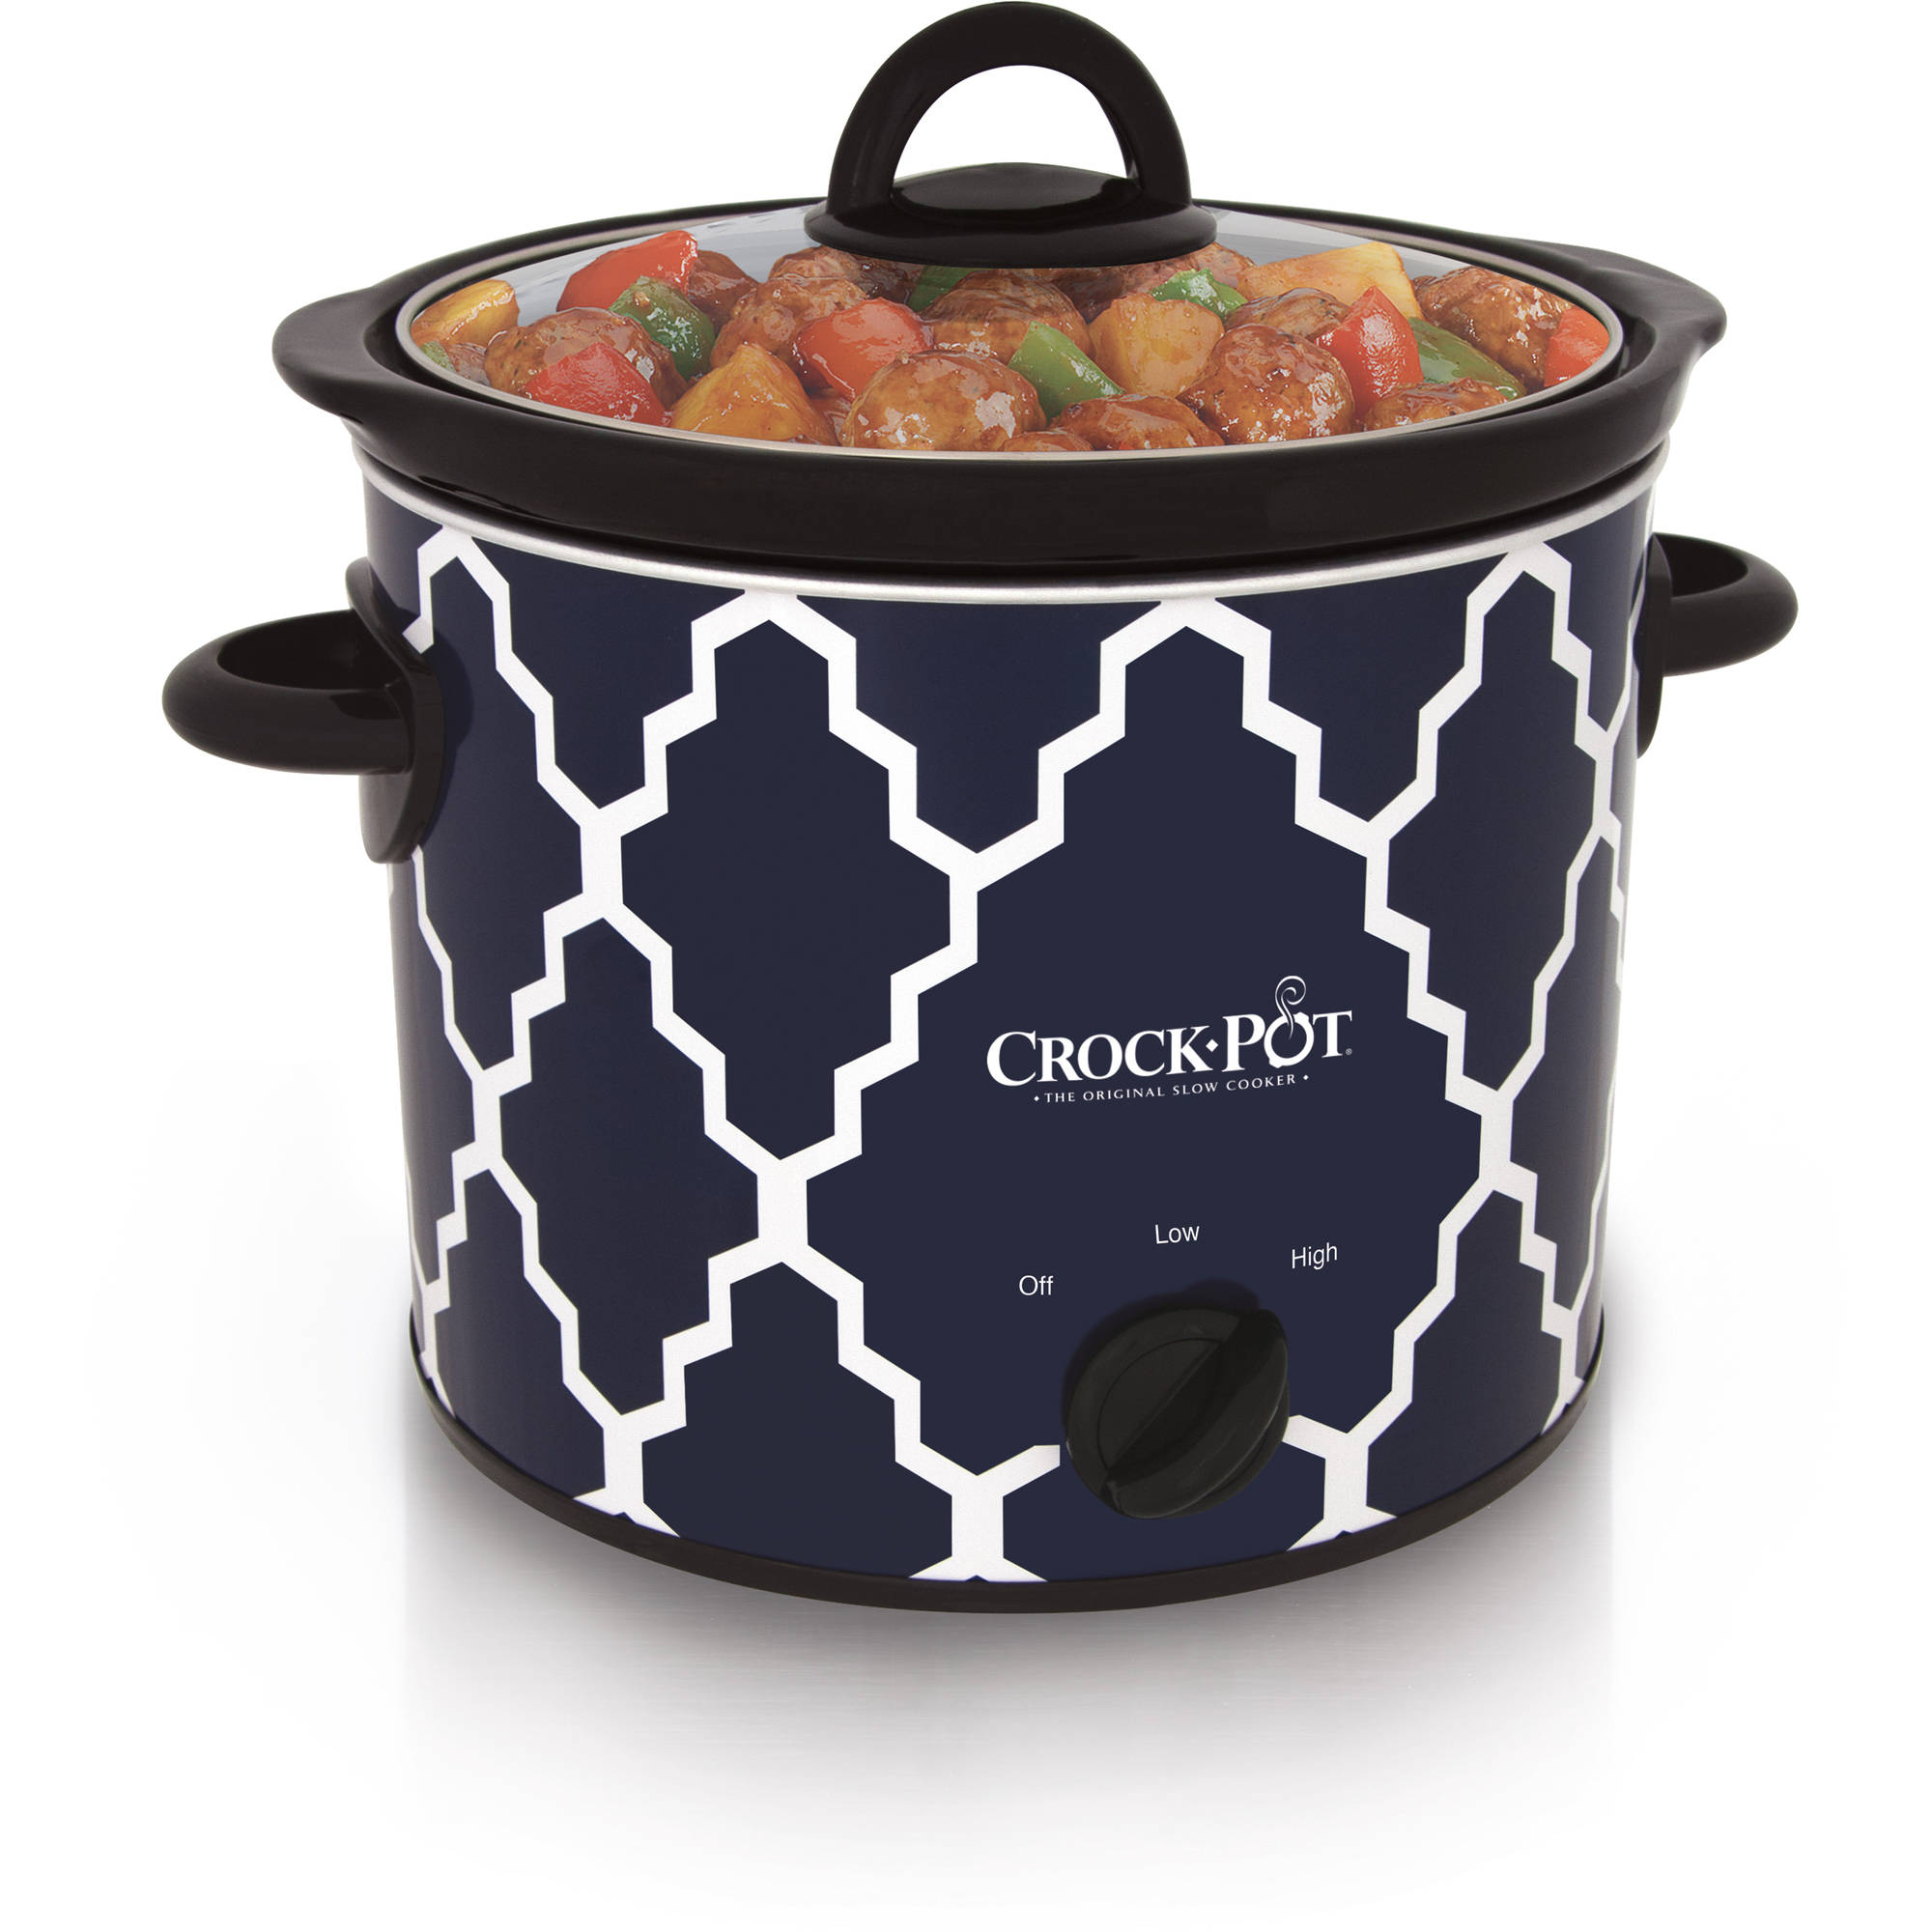 Crock-Pot Manual Slow Cooker, 4-Quart (SCR400-BLT-WM1)